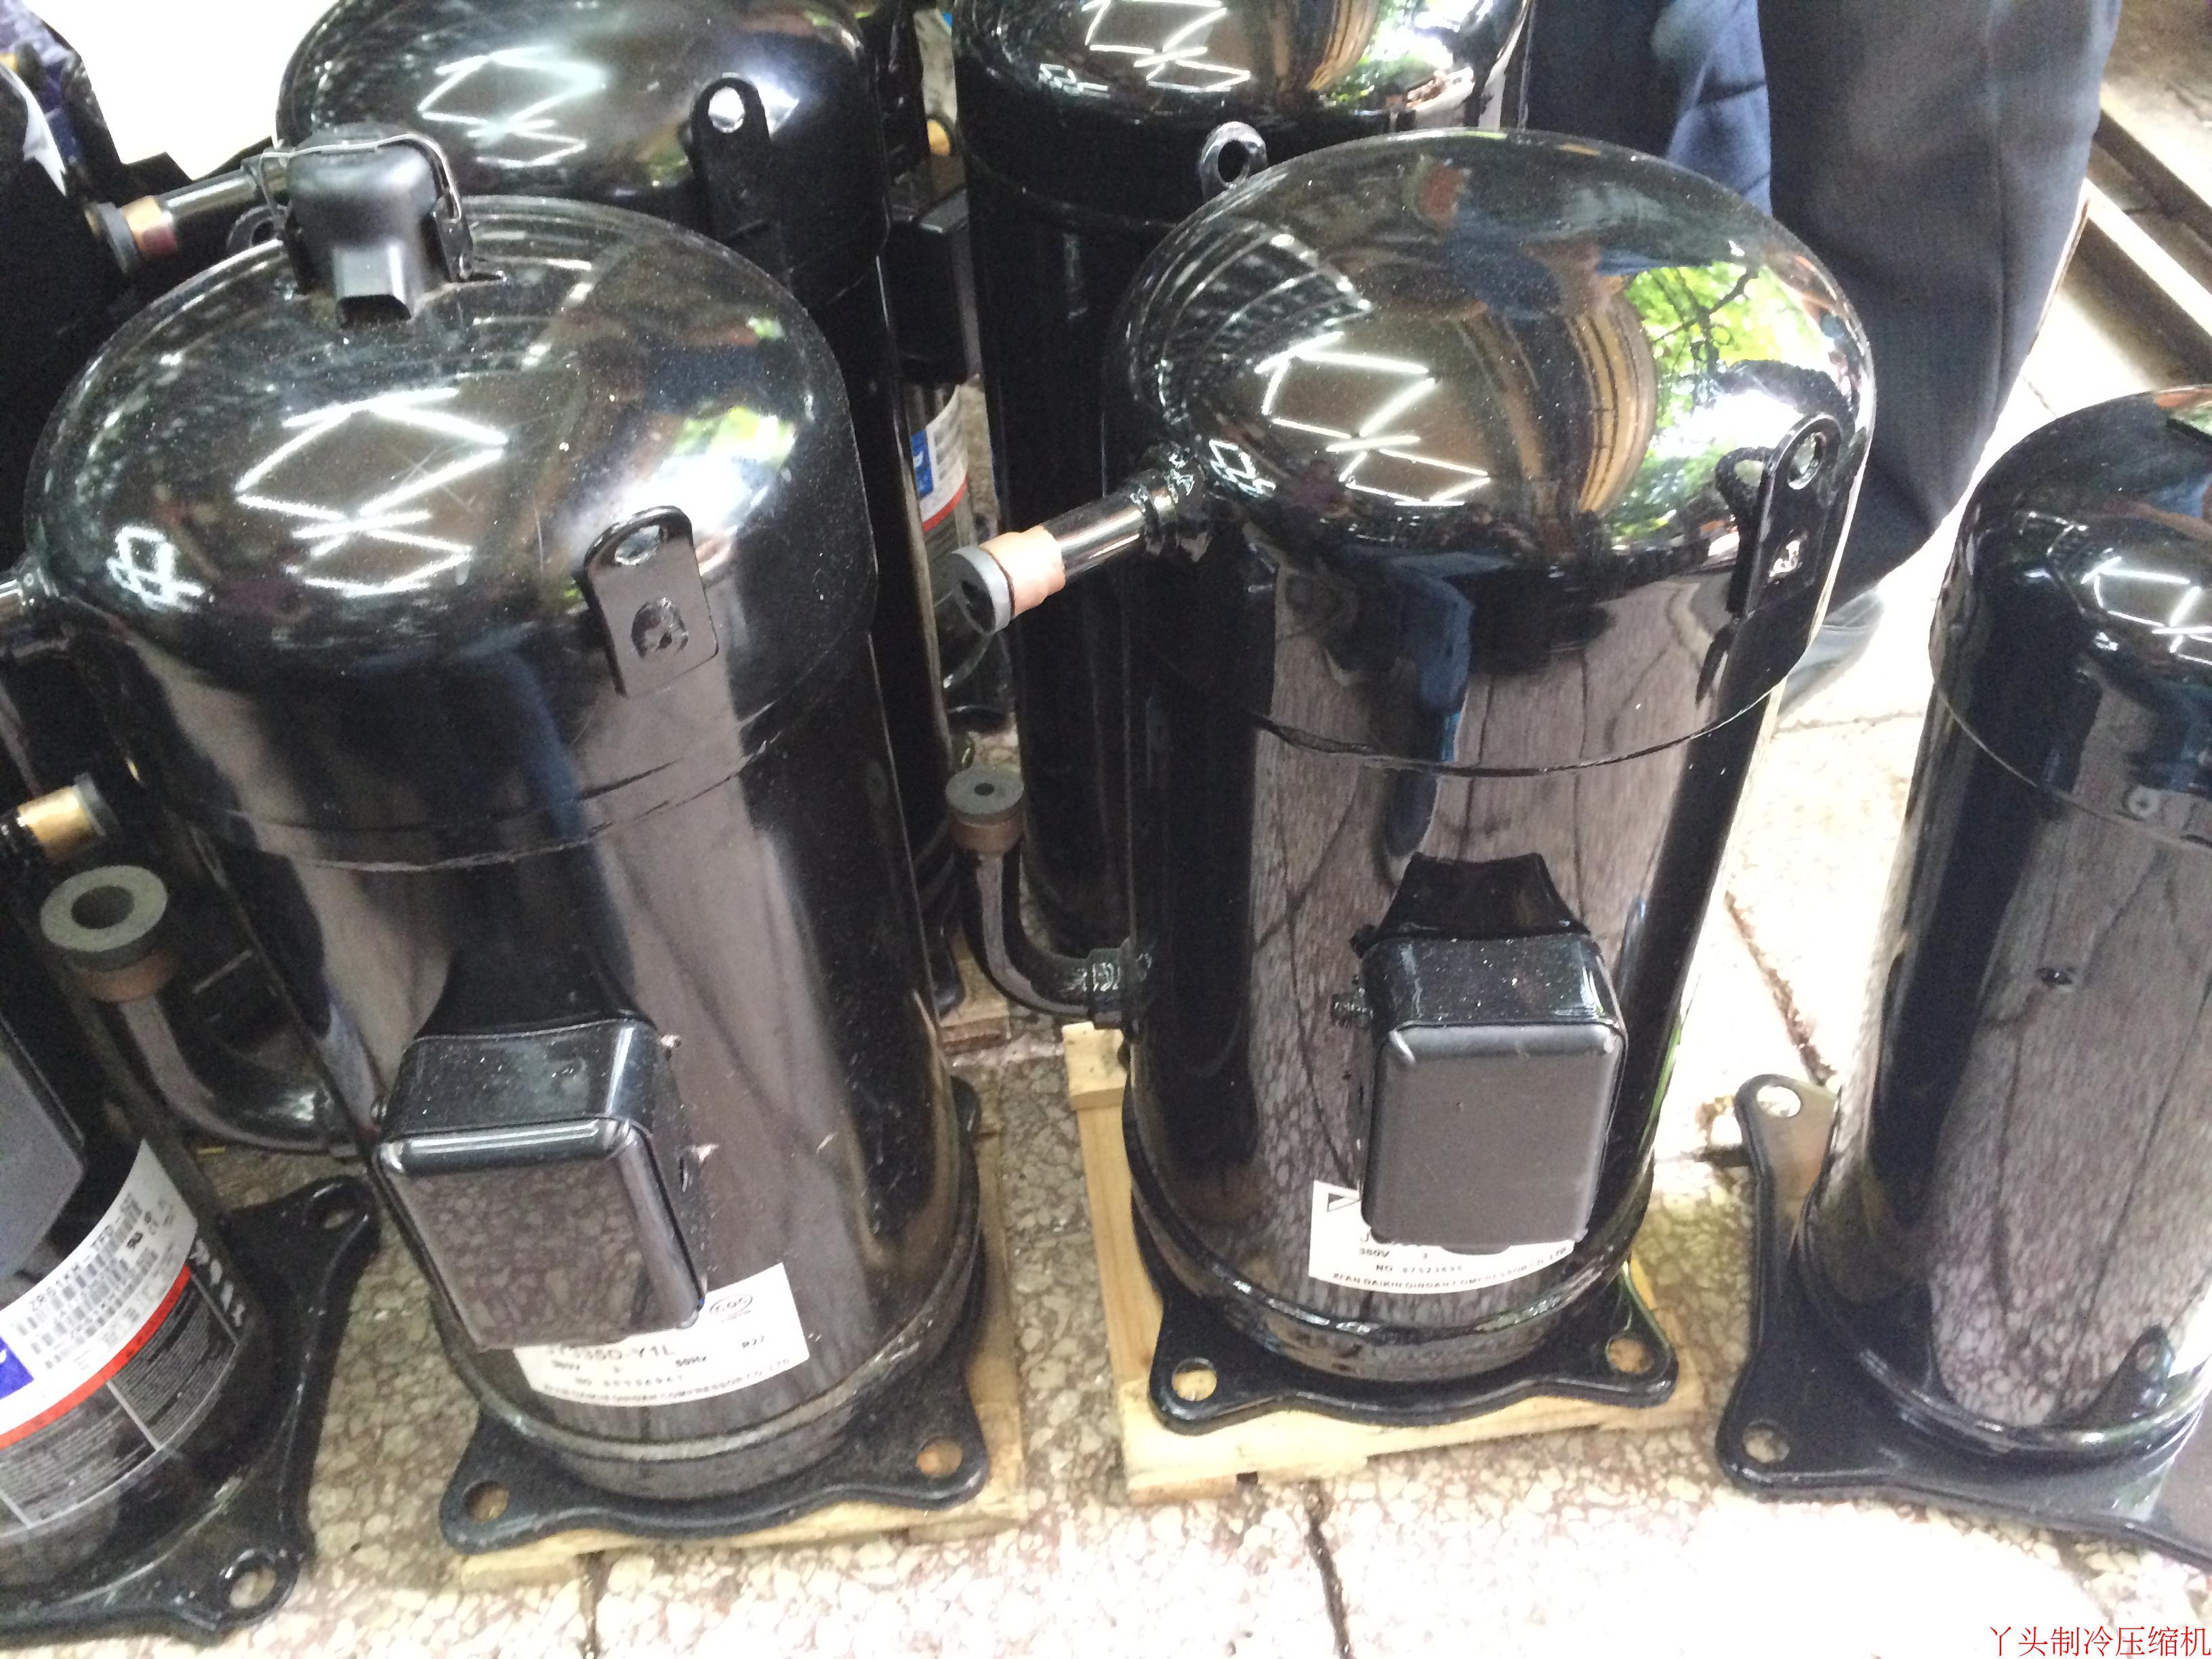 JT160GAJY1L Daikin 5hp caballo de compresor de aire acondicionado el aire acondicionado Daikin trípode especial hacia arriba